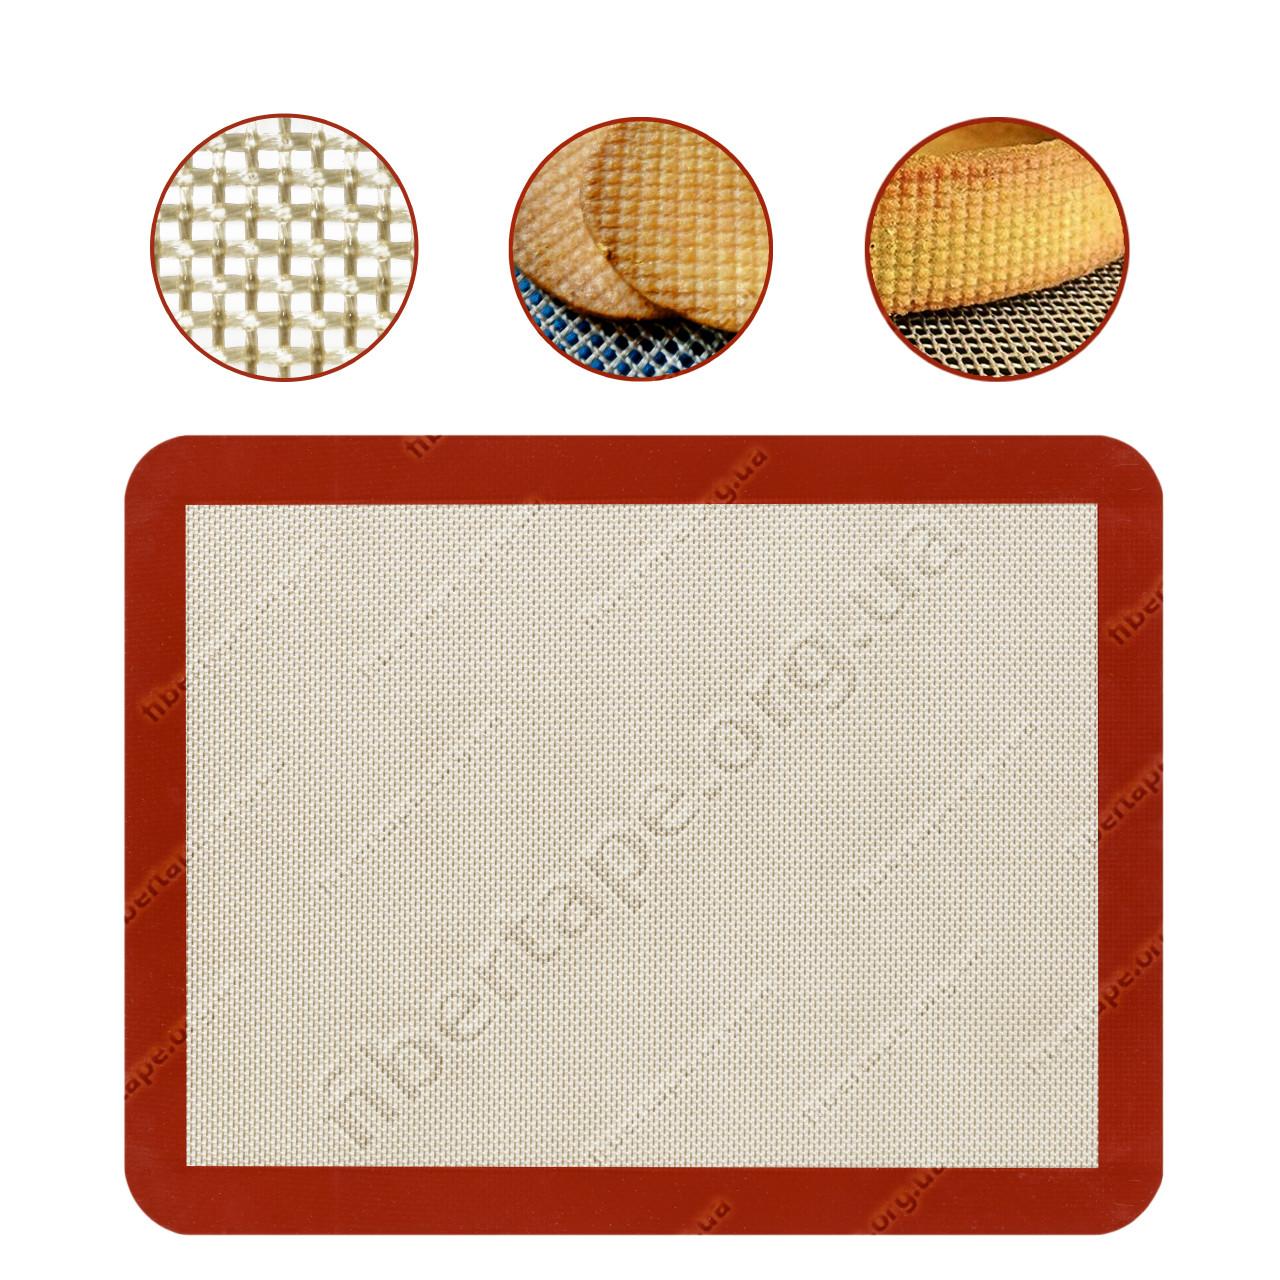 Дышащий силиконовый коврик для выпечки 300x400 мм